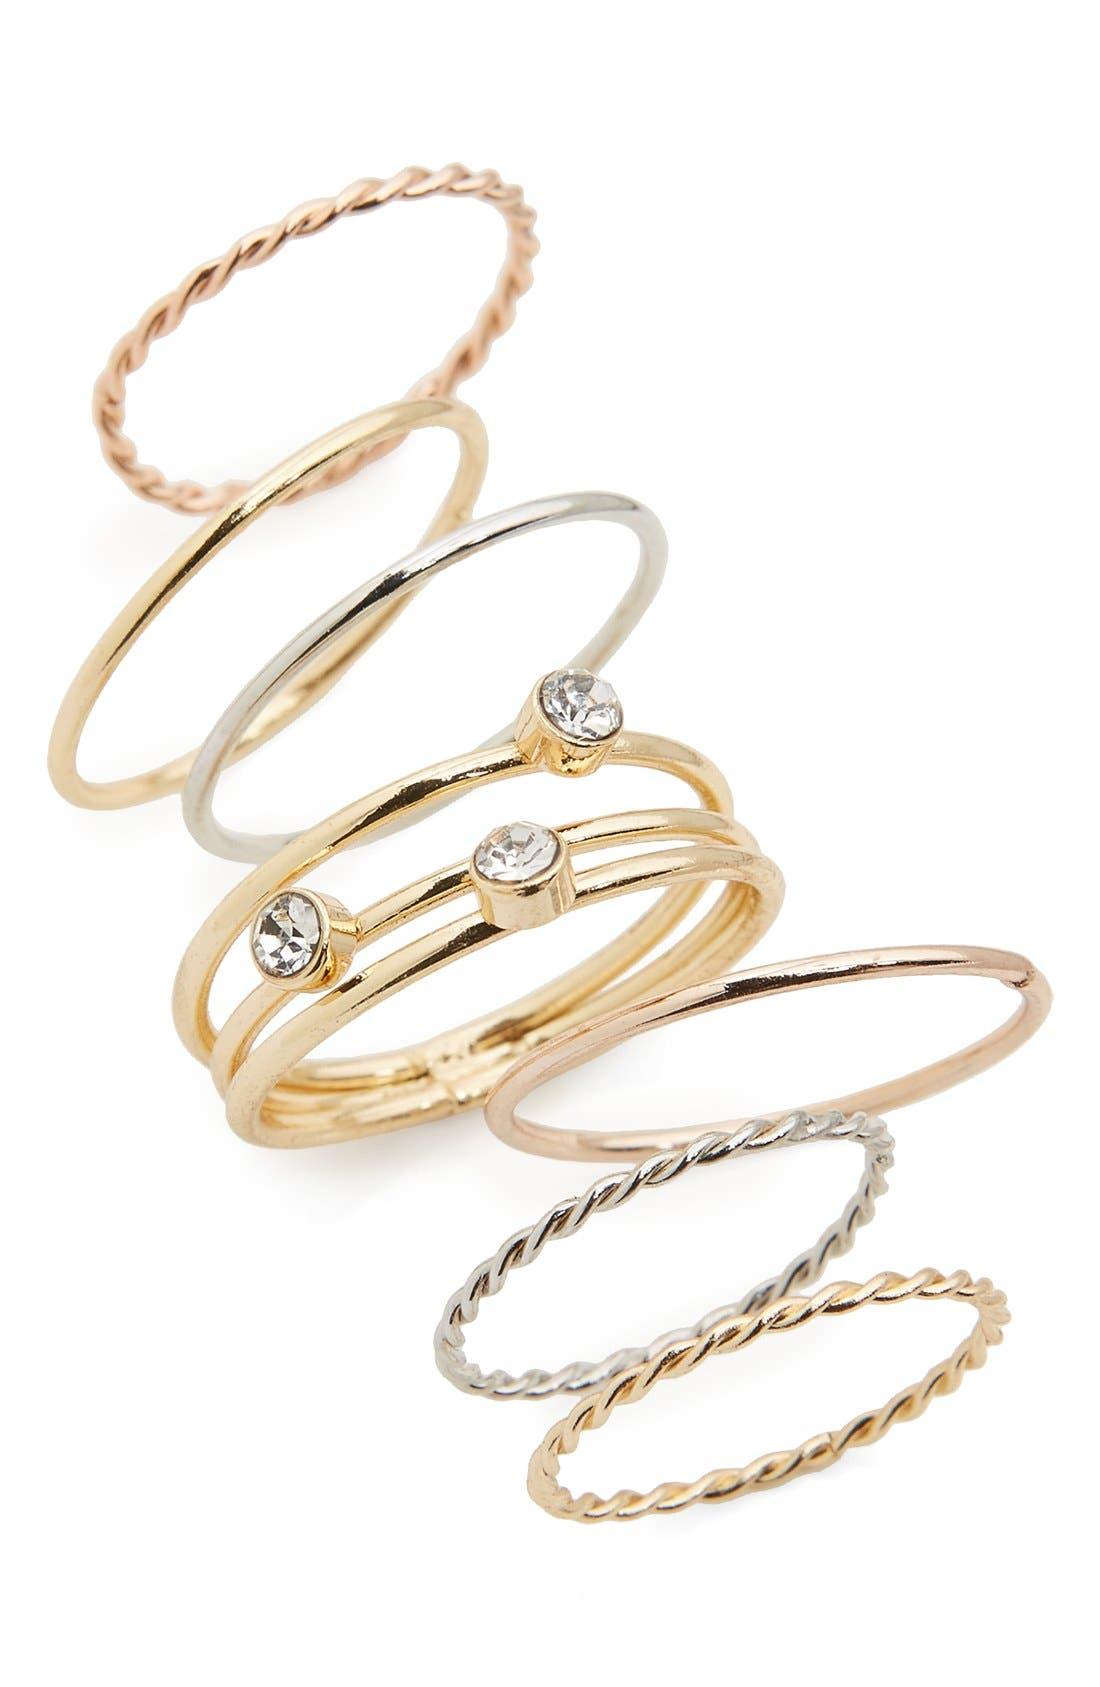 Main Image - BP. Set of 7 Assorted Rings